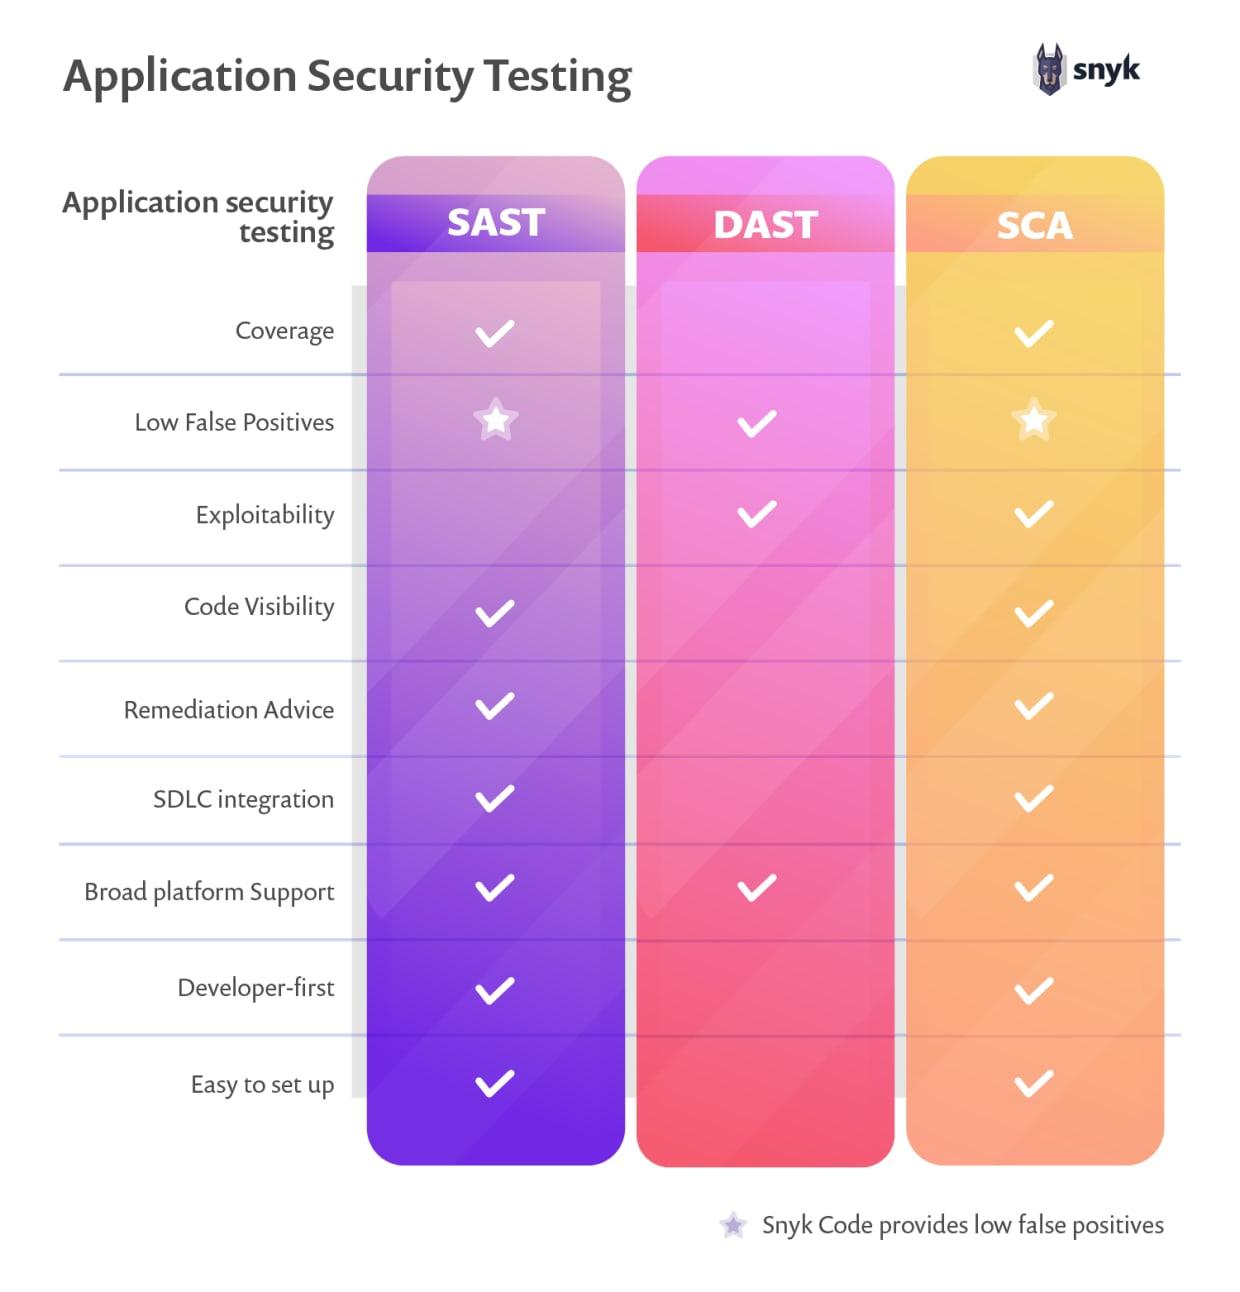 static application security testing SAST vs DAST vs SCA